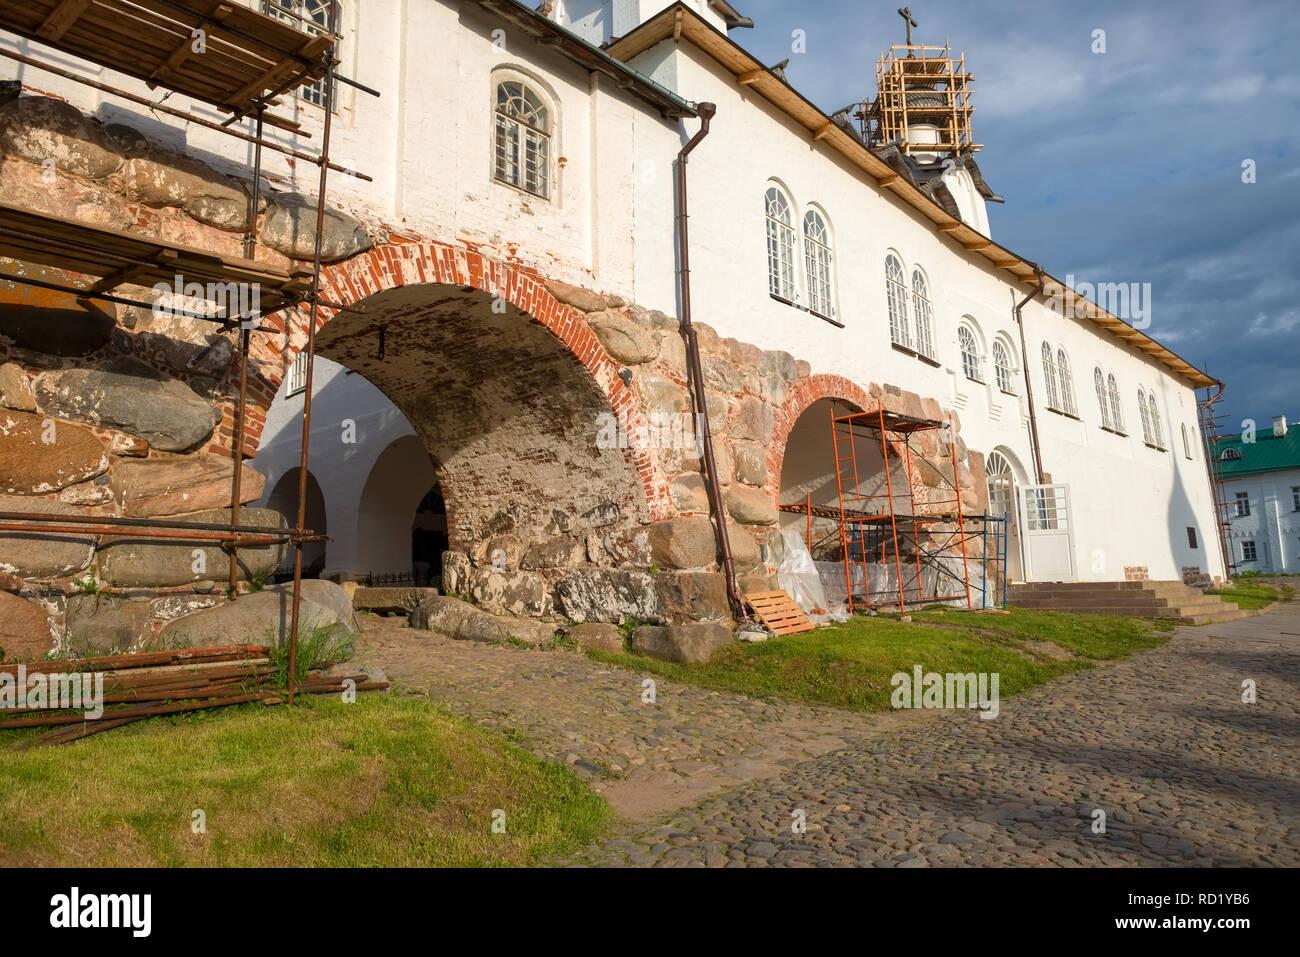 In the Spaso-Preobrazhensky Solovetsky Monastery. Russia, Arkhangelsk region, Primorsky district, Solovki Stock Photo